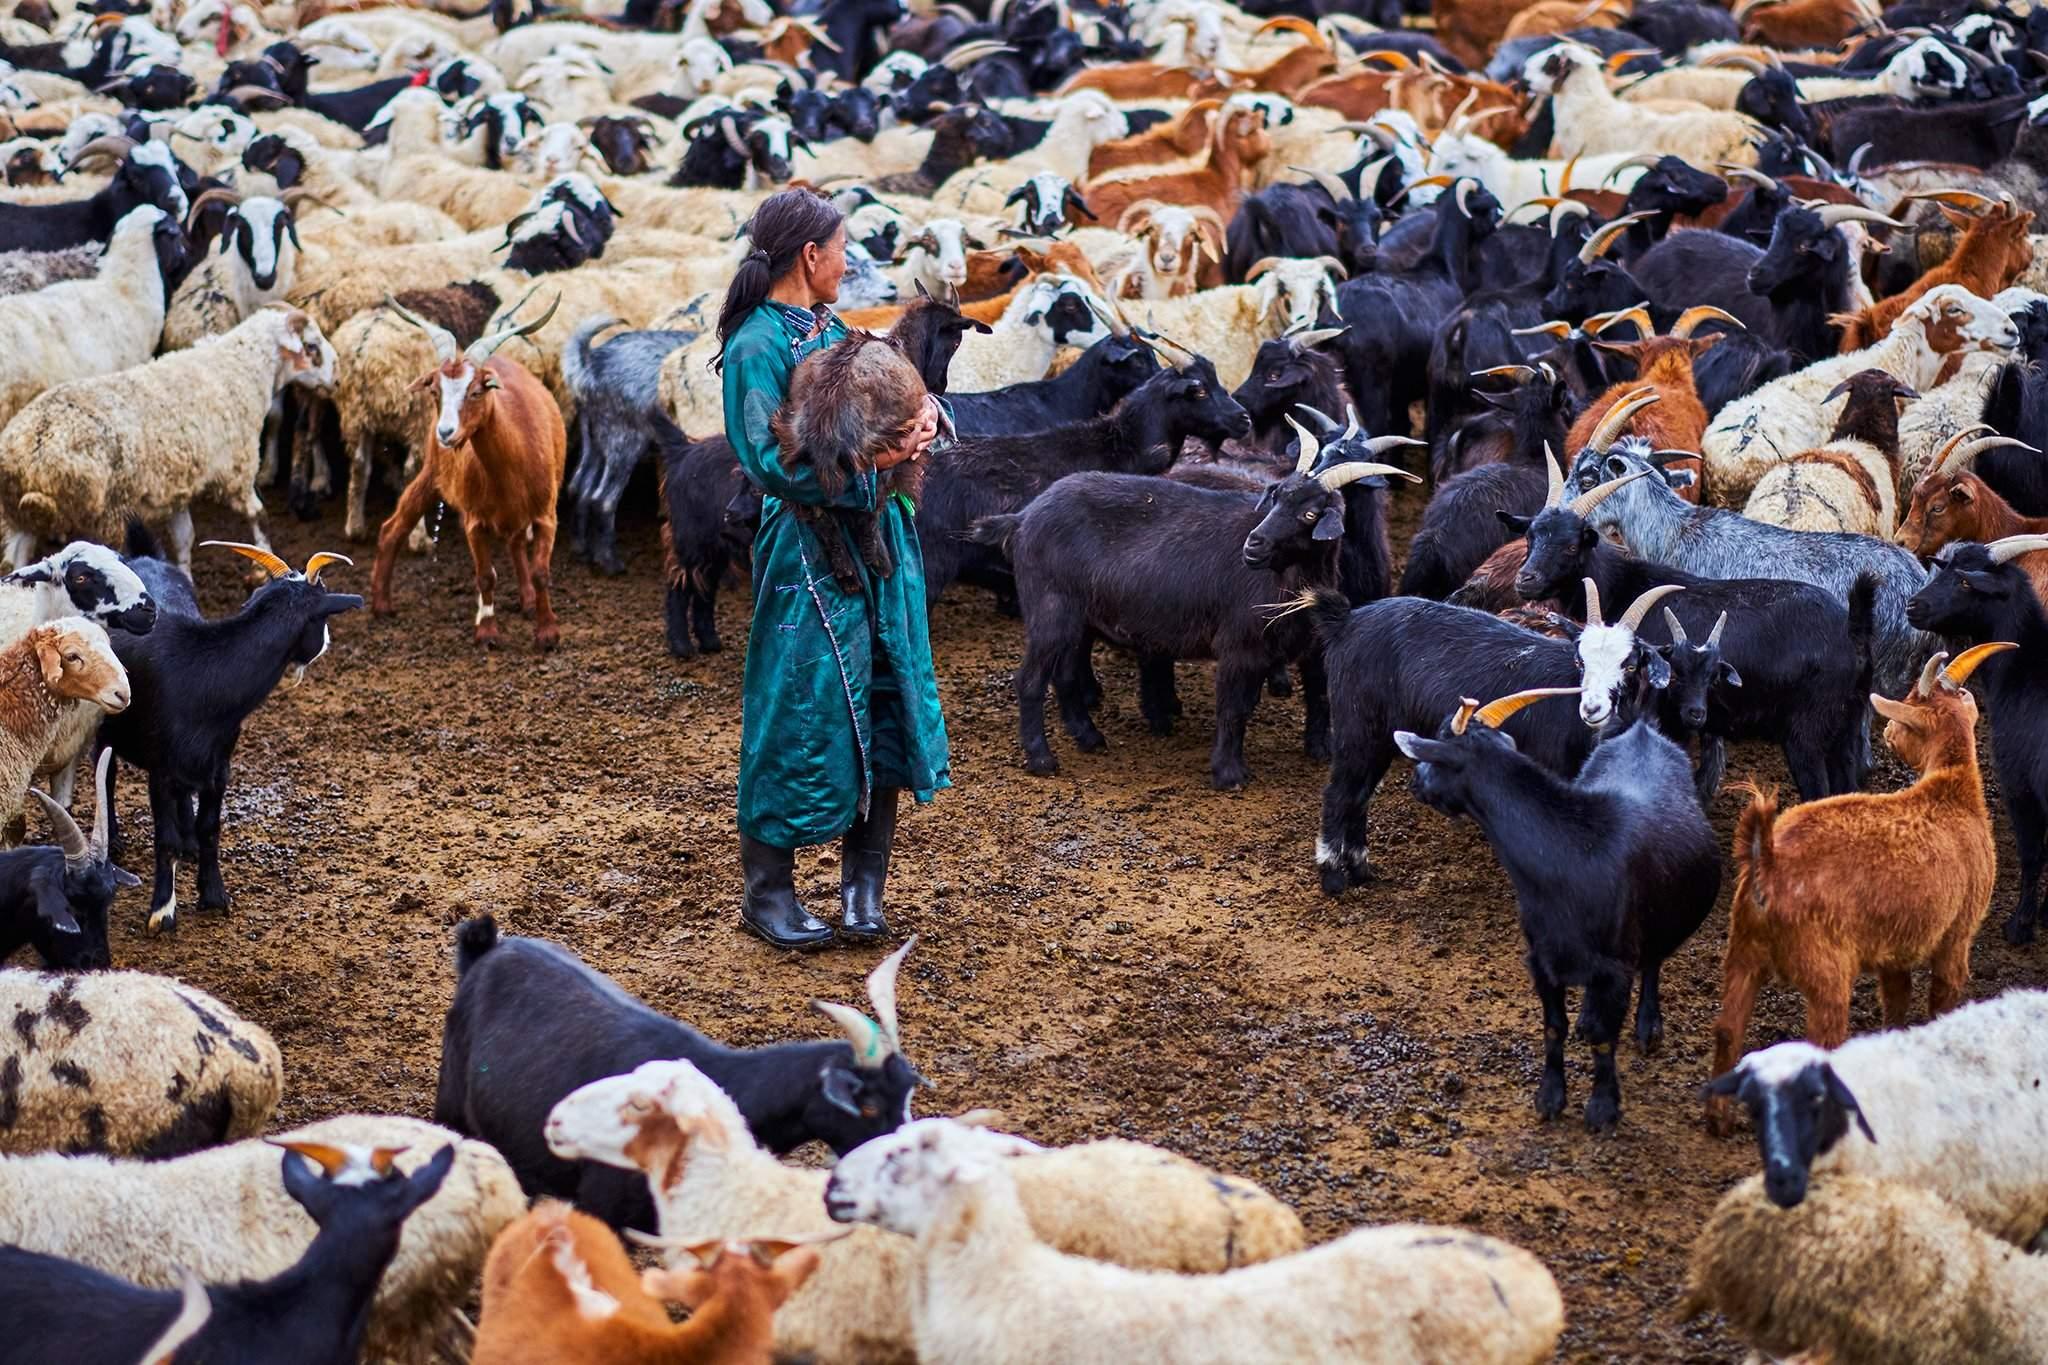 Тэд 5 хошуу малтай. Адуу, хонио халуун, үхэр, тэмээ, ямаагаа хүйтэн амьтан гэж үздэг. Халуун хошуут адуу, хонины махыг идшэнд хэрэглэдэг.